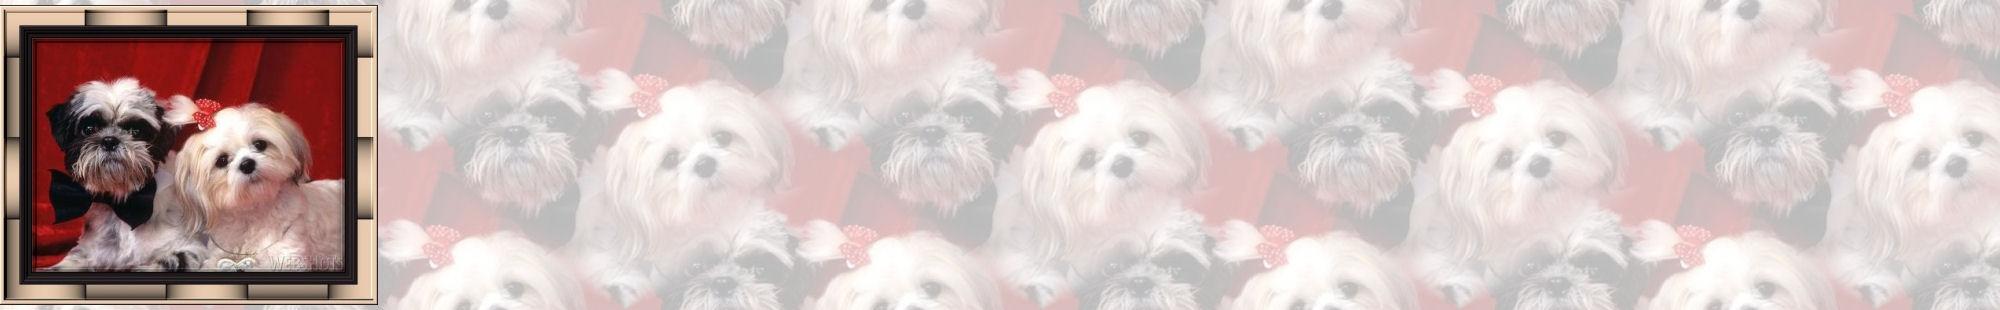 Fondo IM perros_002.imf